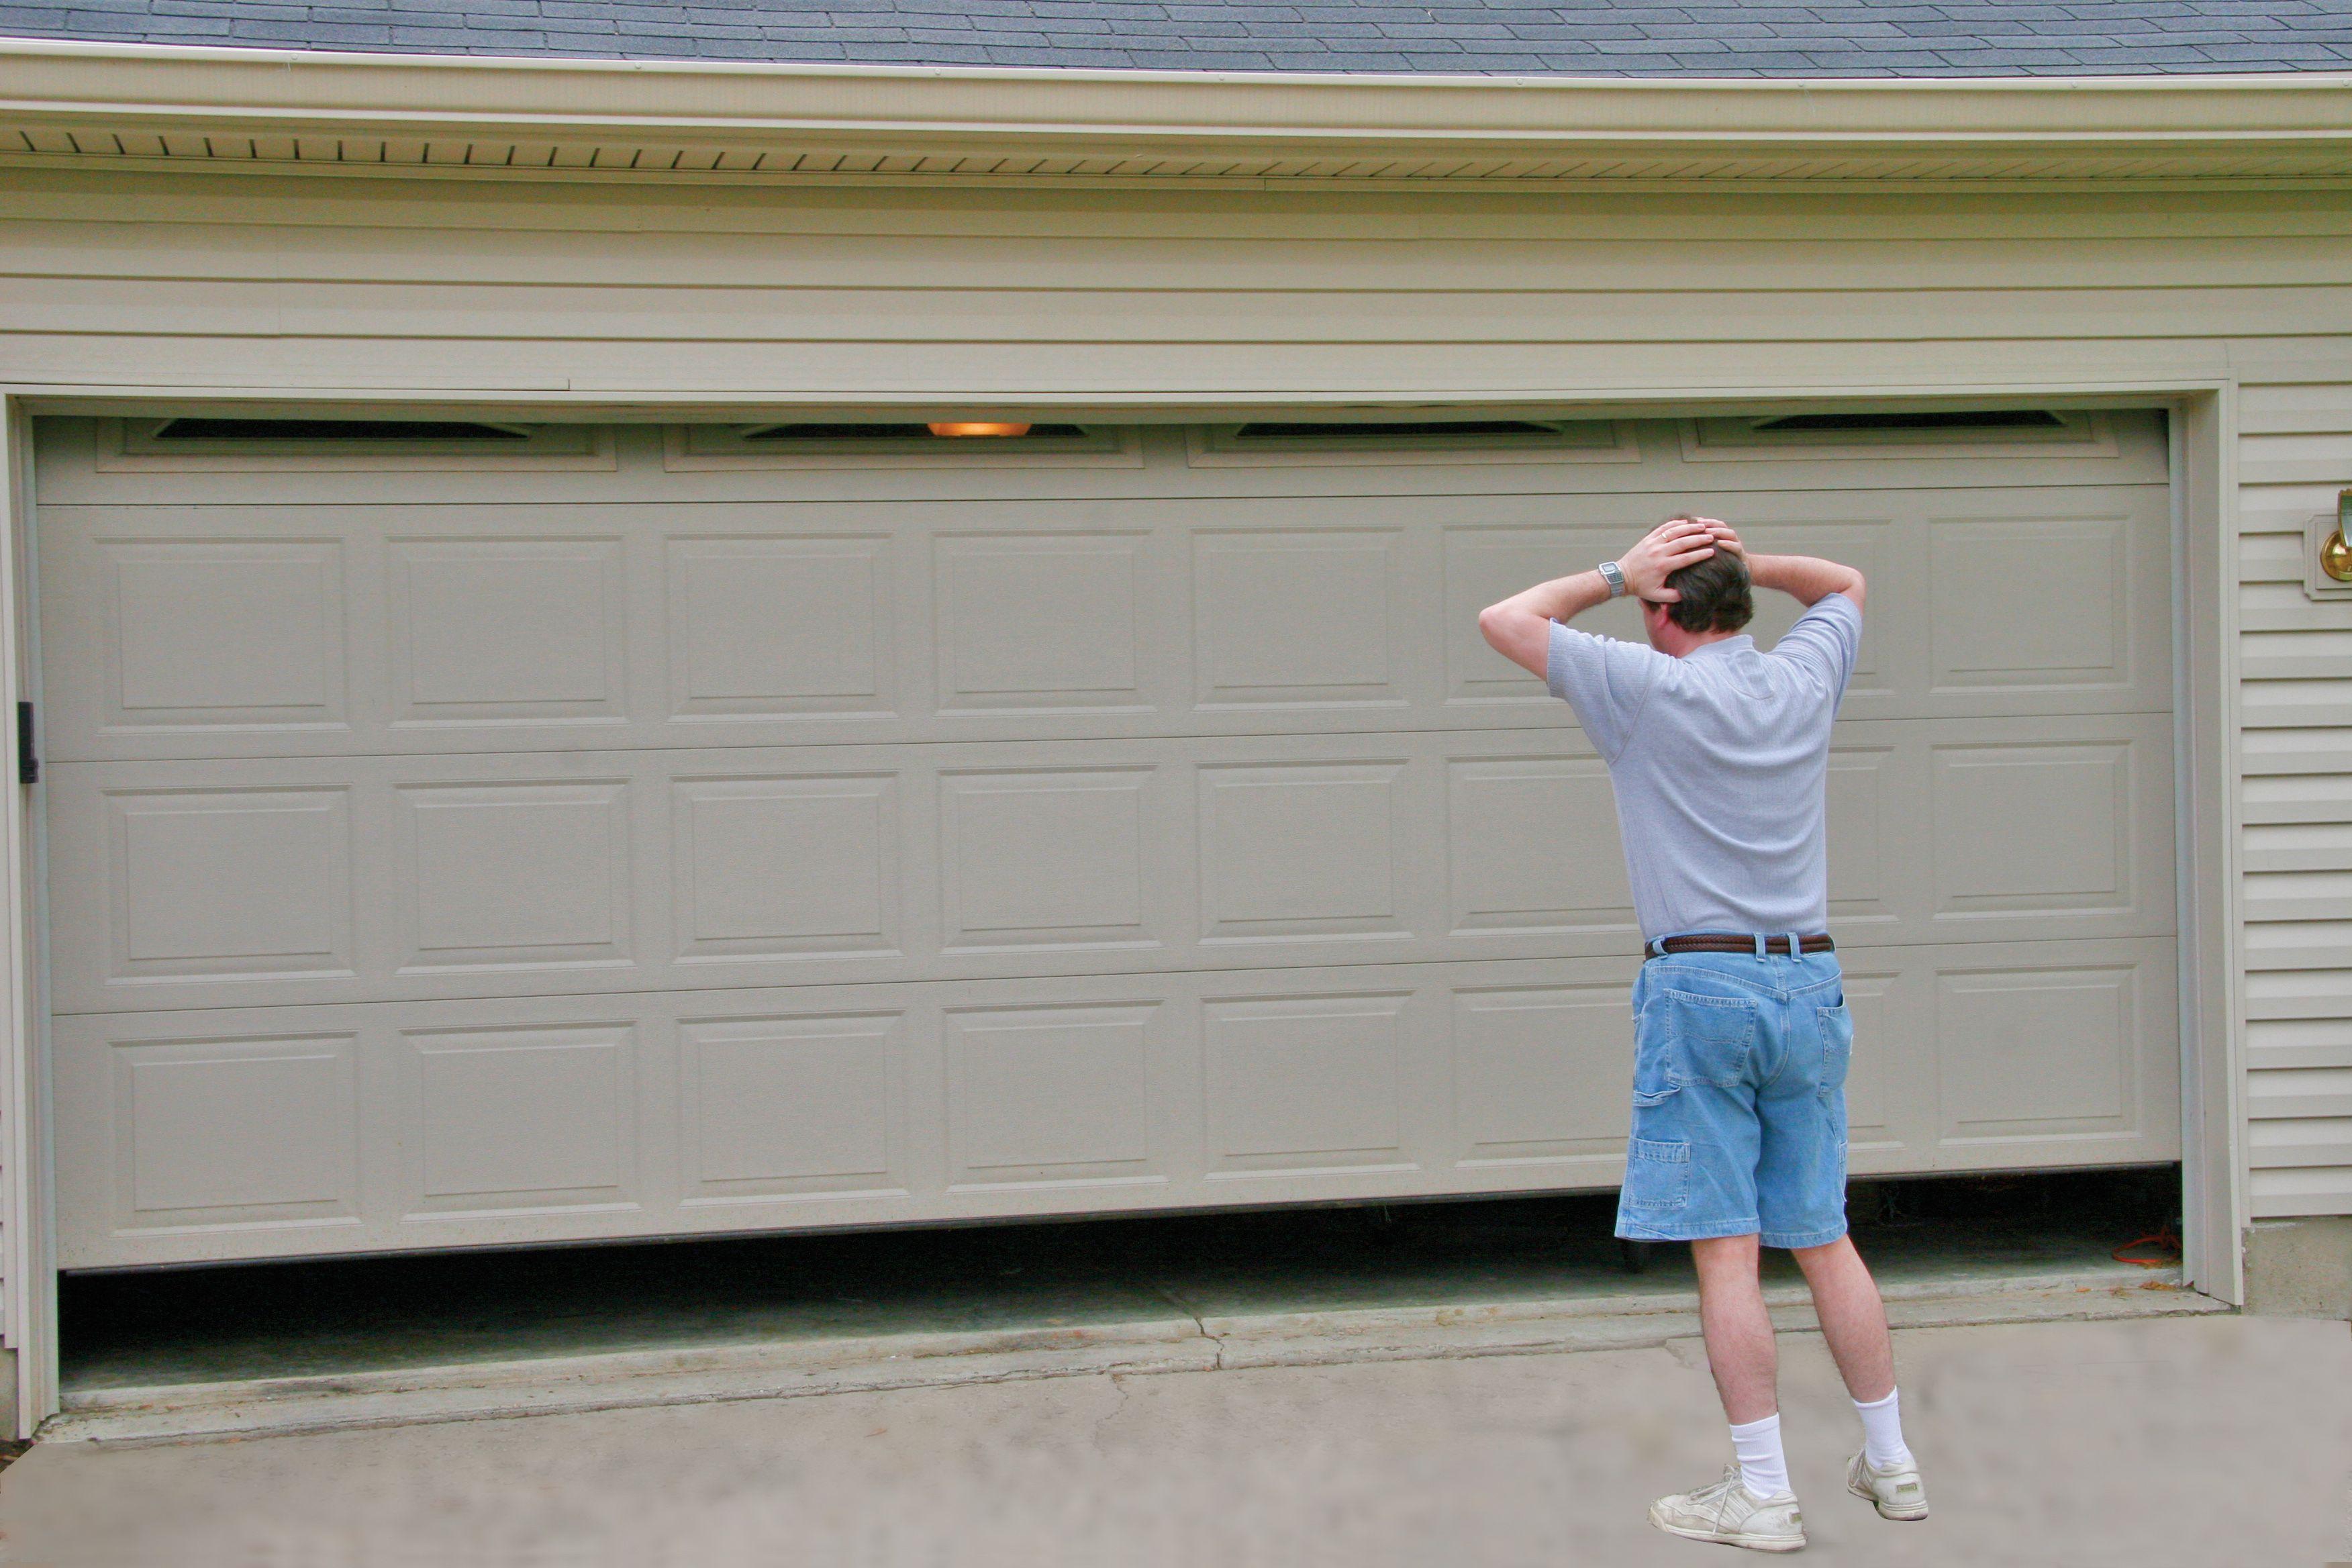 Top 4 Garage Door Opener Questions That Every Garage Home Owner